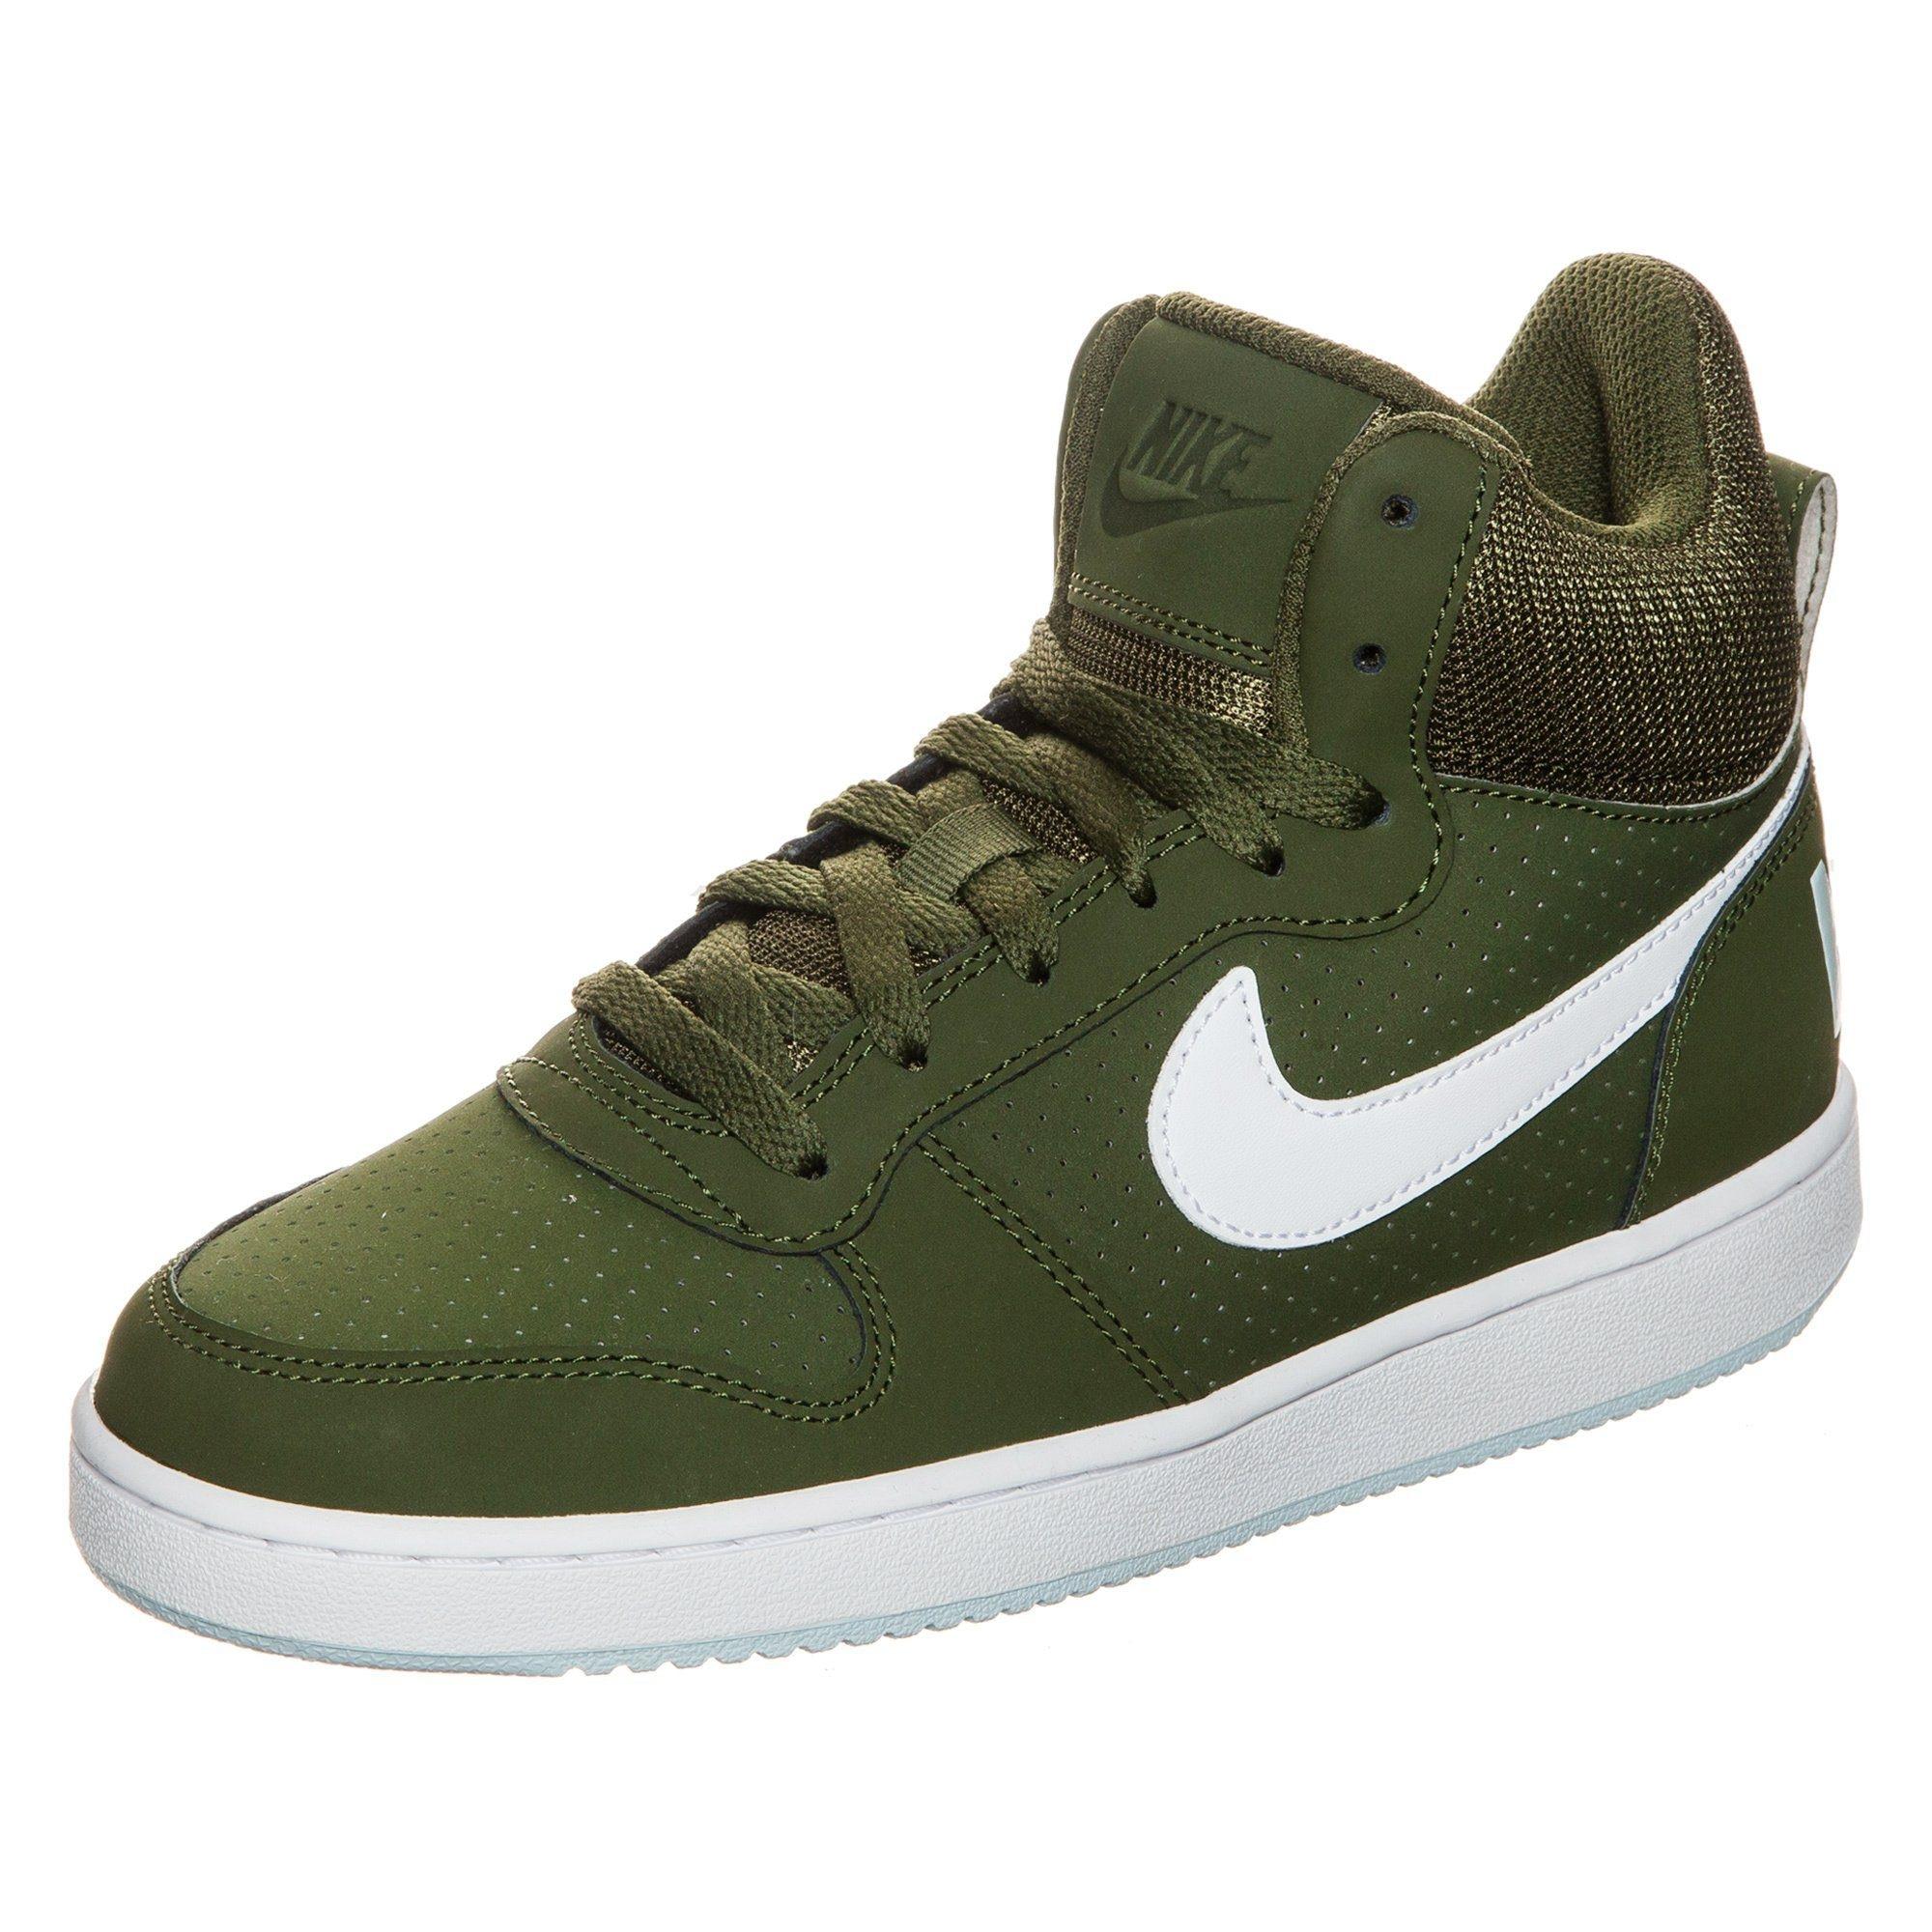 Nike Sportswear Court Borough Mid Sneaker Damen günstig kaufen | BAUR